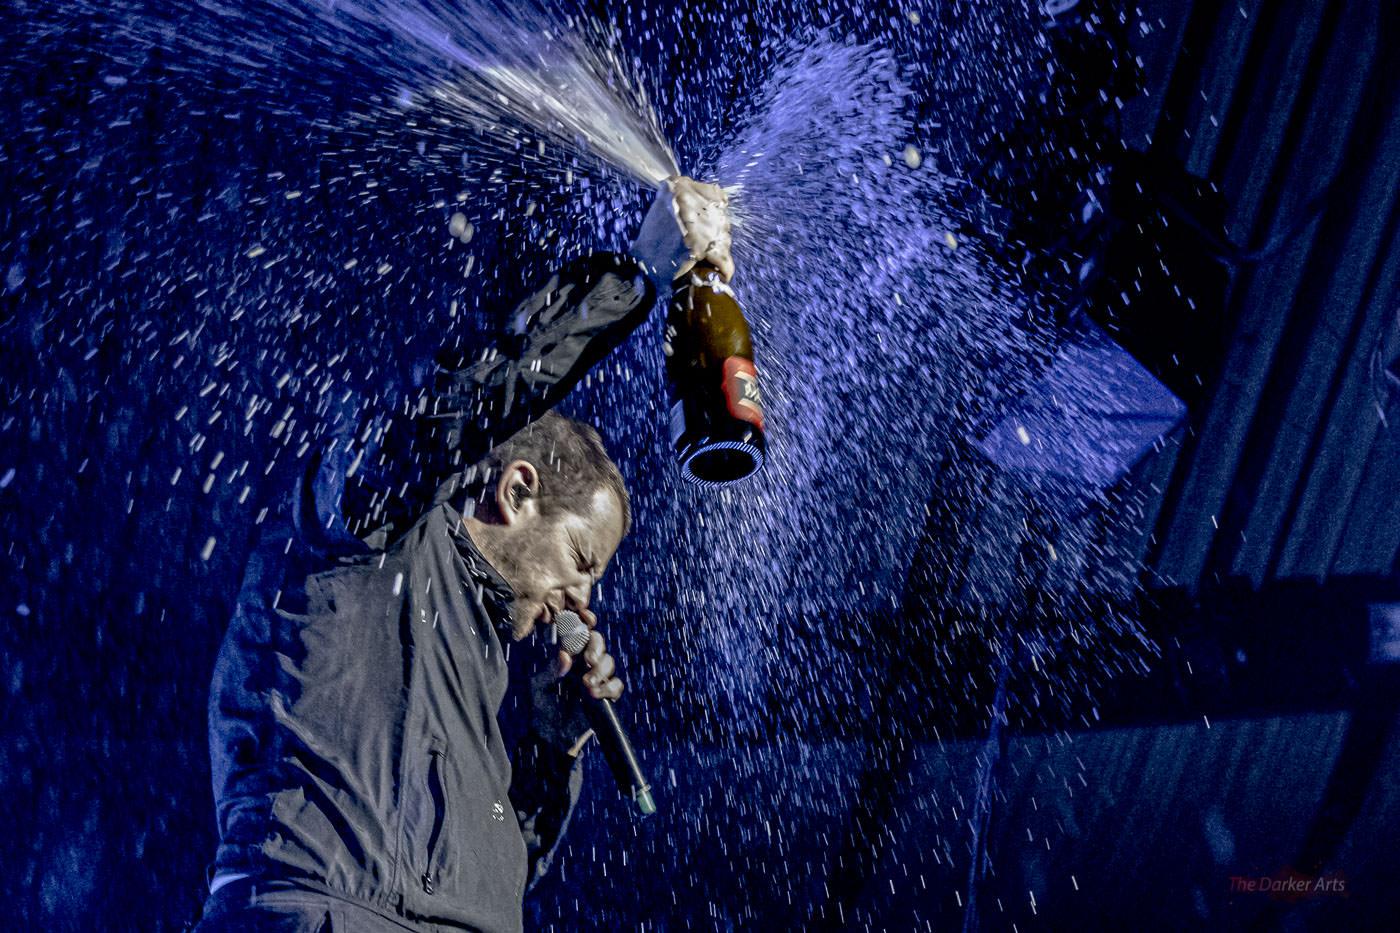 <div class='info-header'>Photographer</div> <a href='/utr/photographer/Bruce-Mackay'>Bruce Mackay</a>